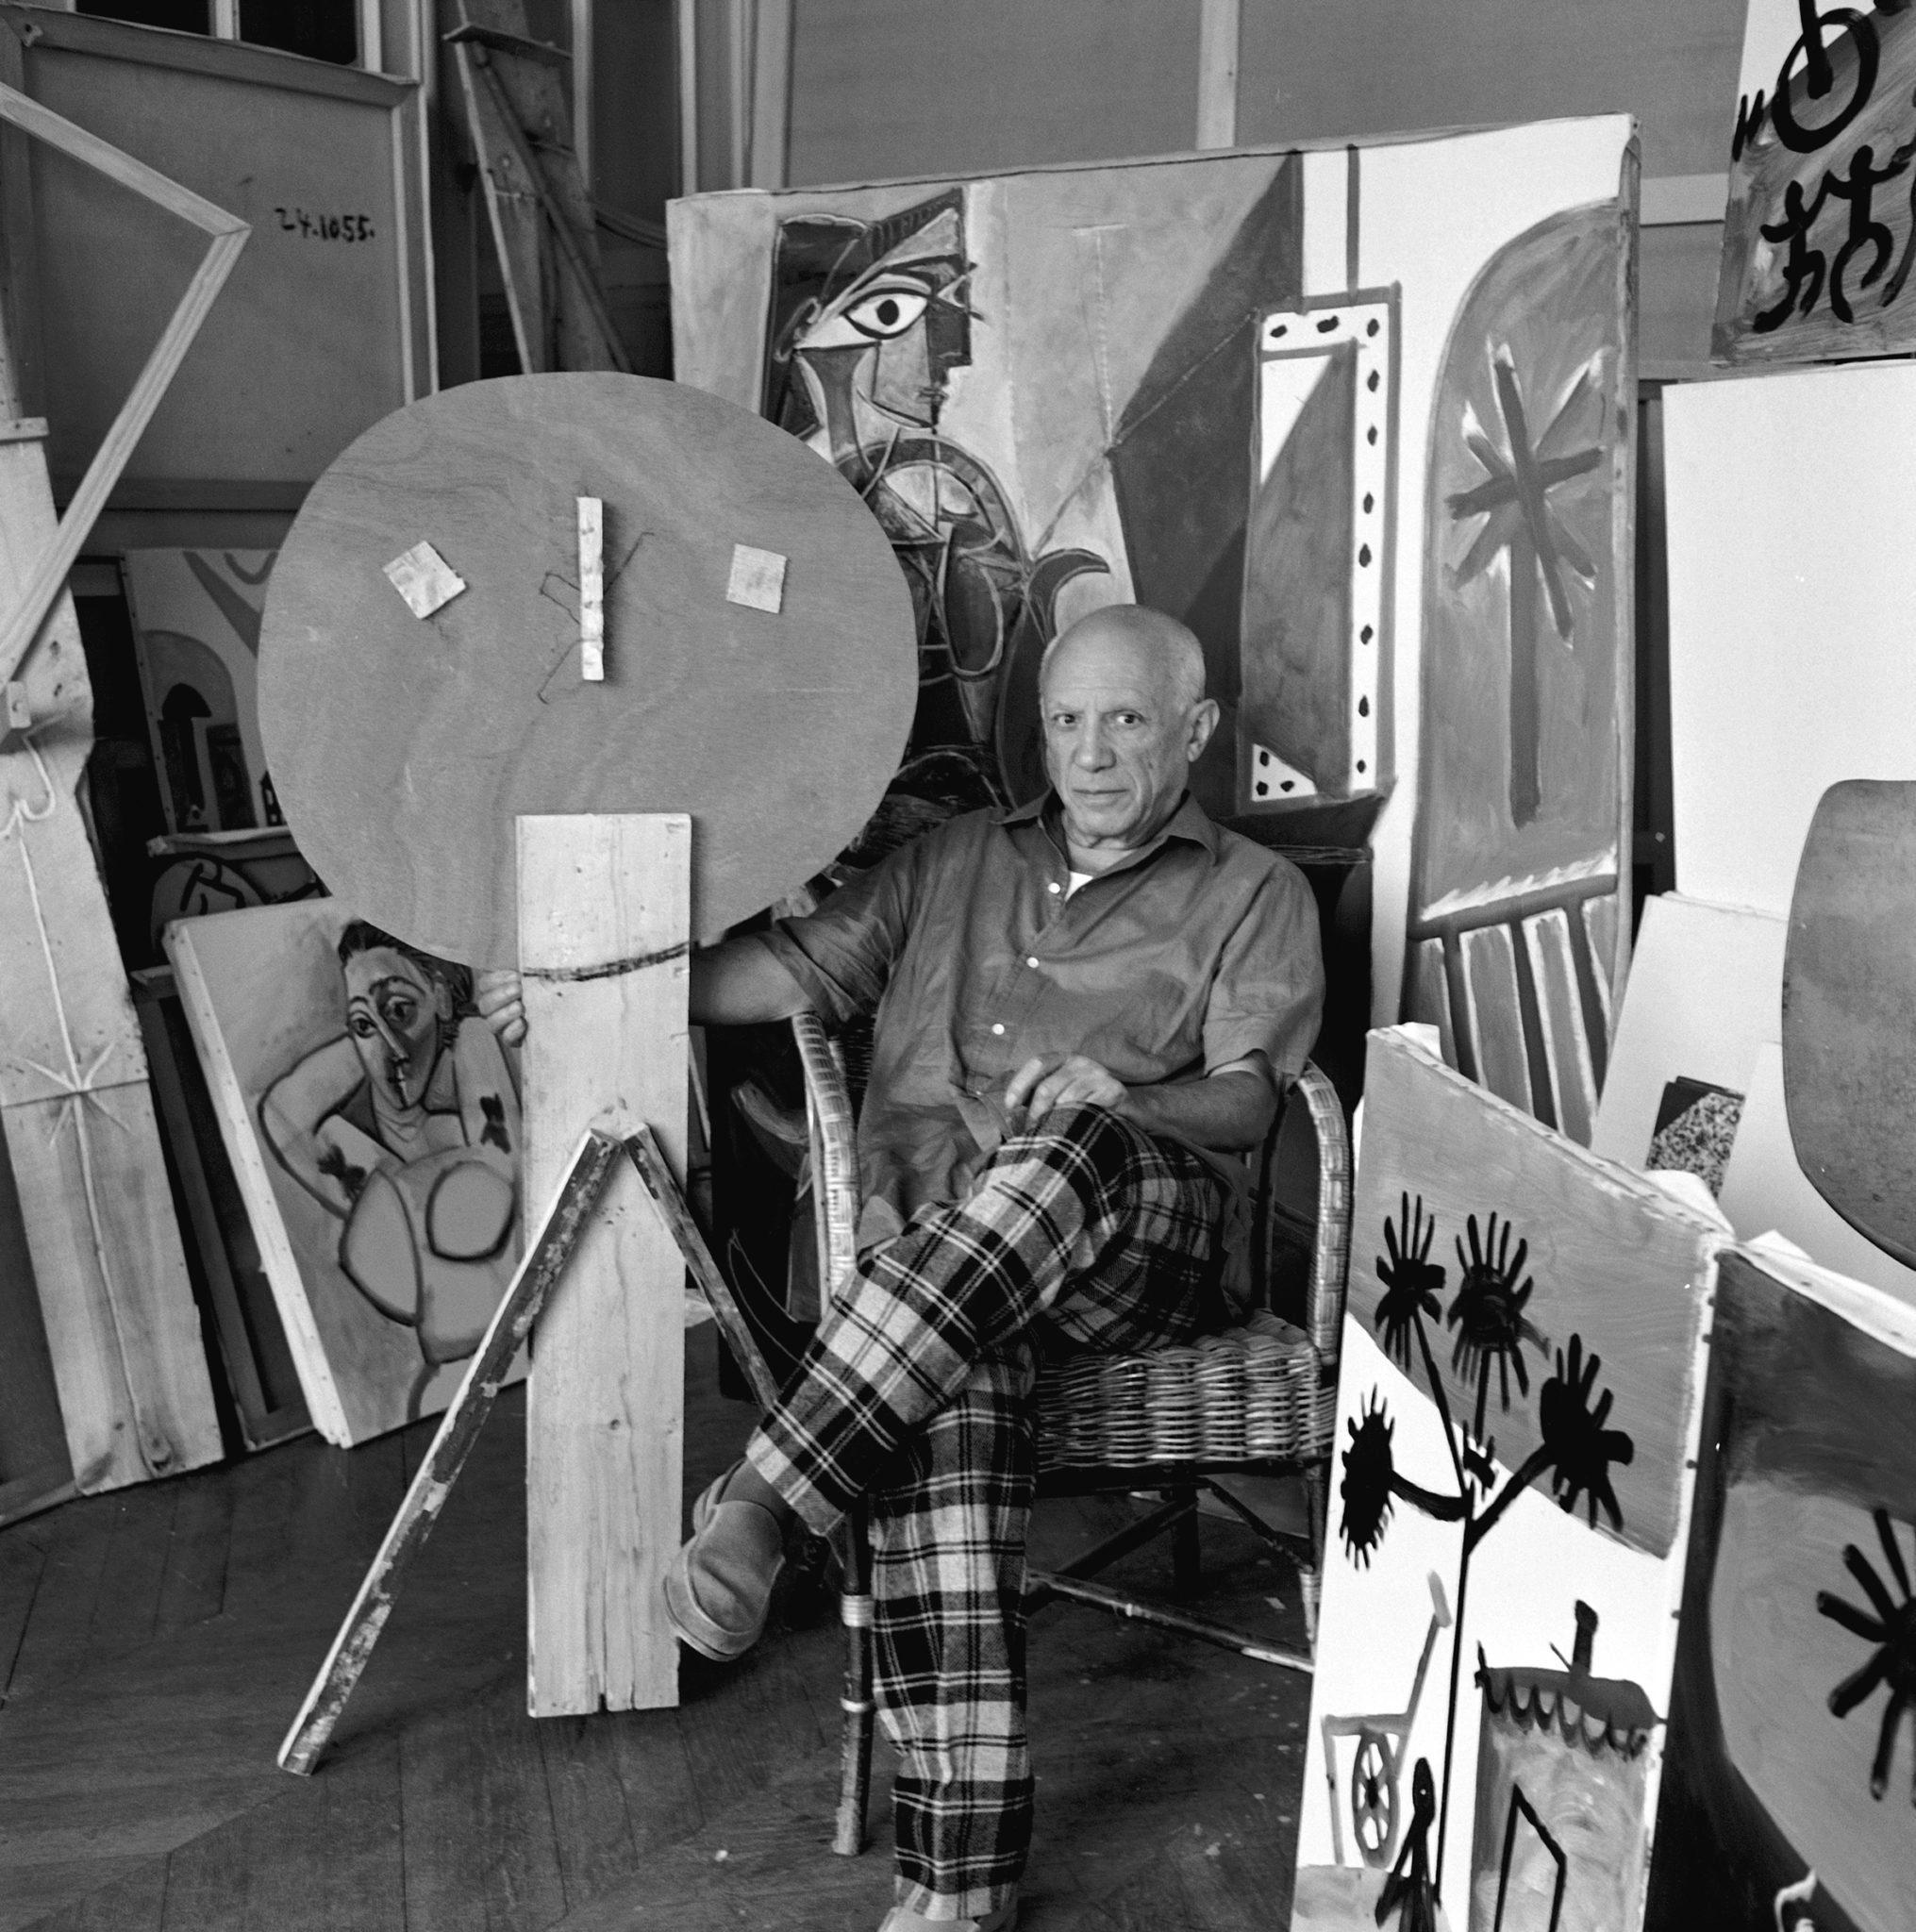 Museo dell'Ara Pacis. Picasso images: le opere, l'artista, il personaggio